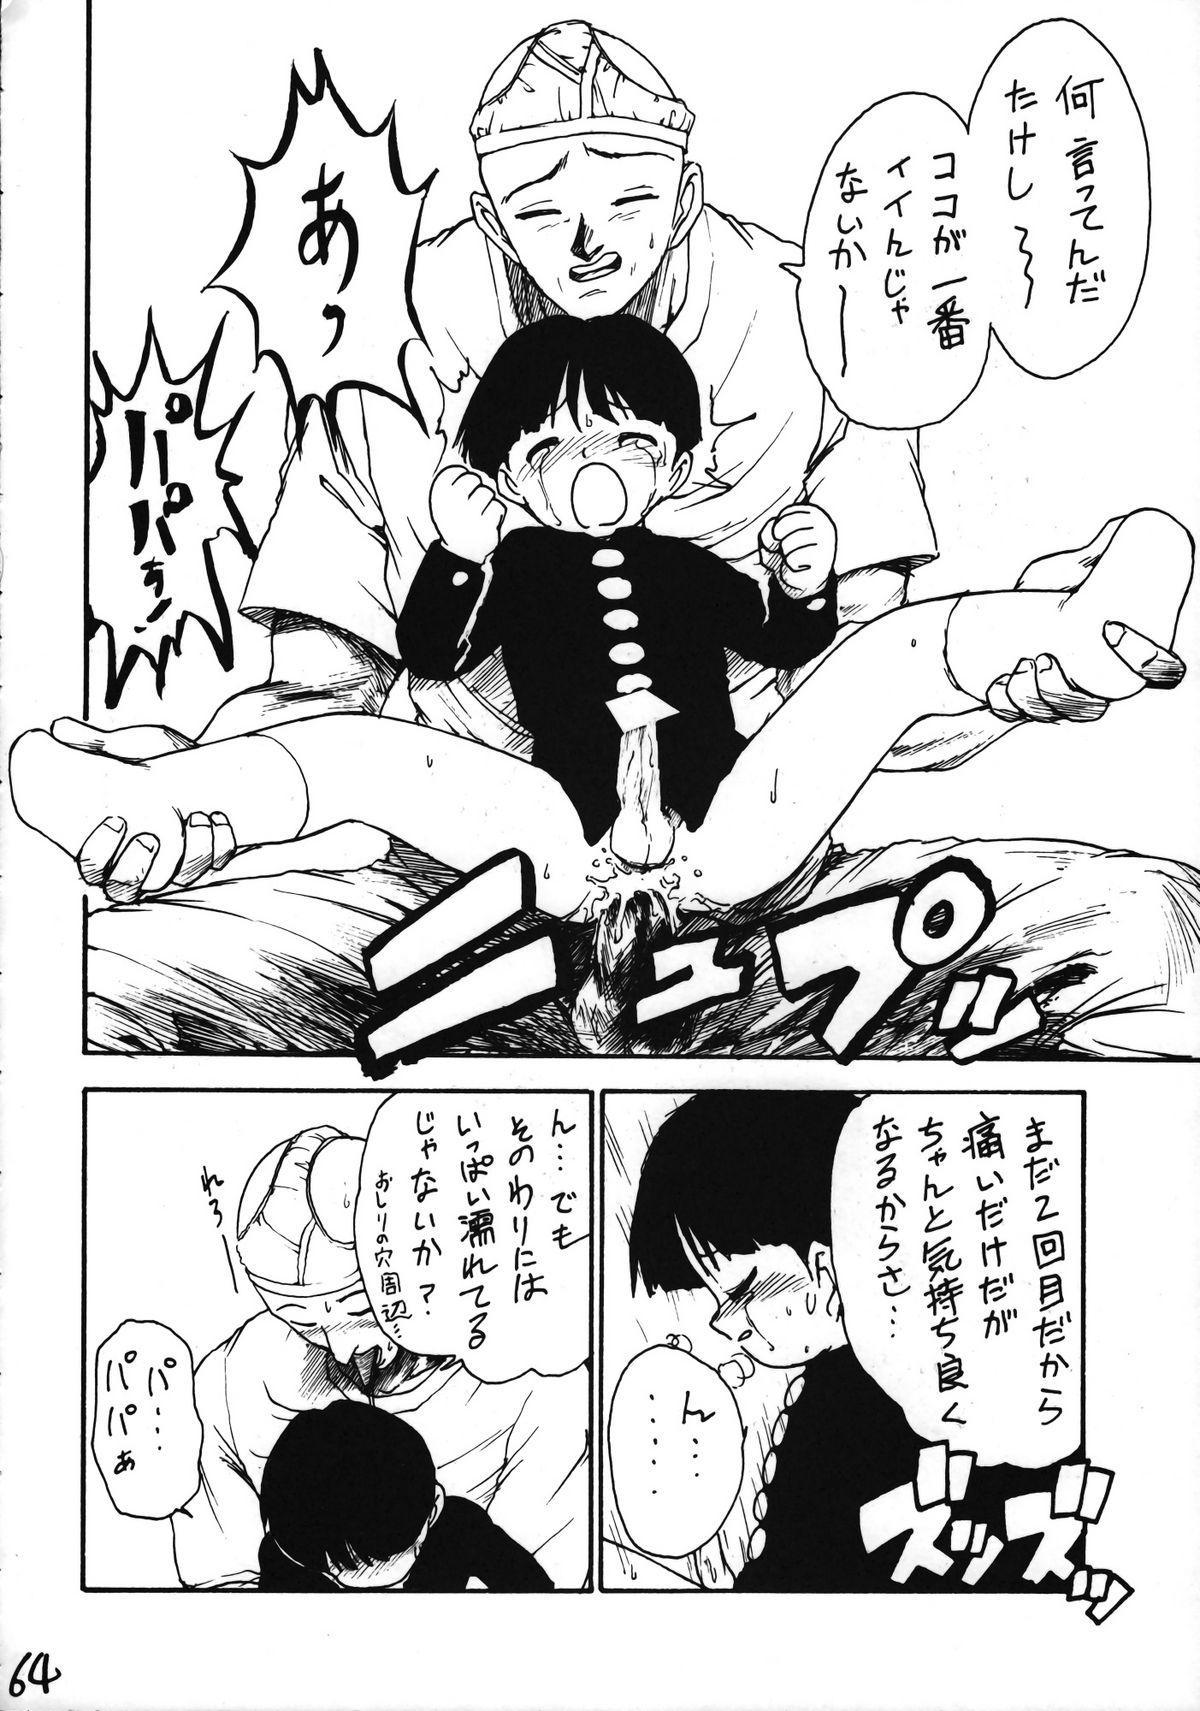 Ikenai! Otokonoko Hon Boy's H Book 2 64